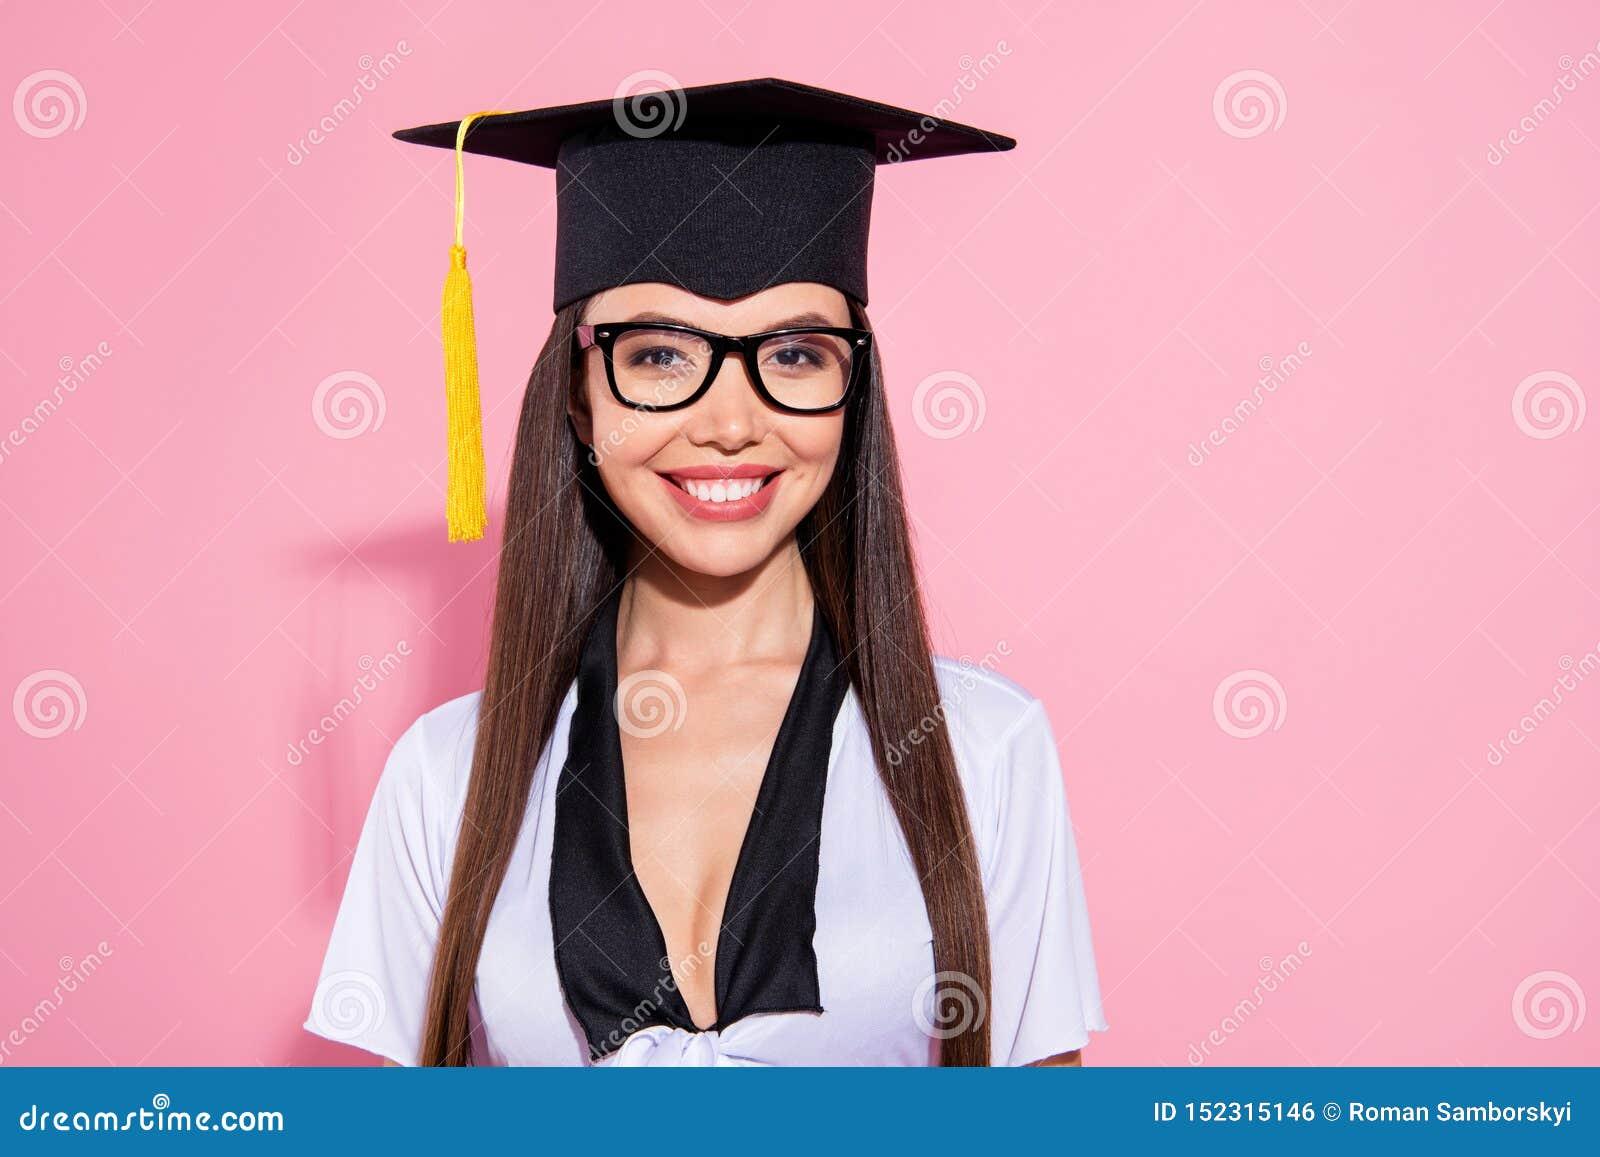 Zakończenie w górę fotografii zadziwiającej damy końcówki nauki oczu odzieży moździerza deski uniwersyteckiej mądrej kitki białe